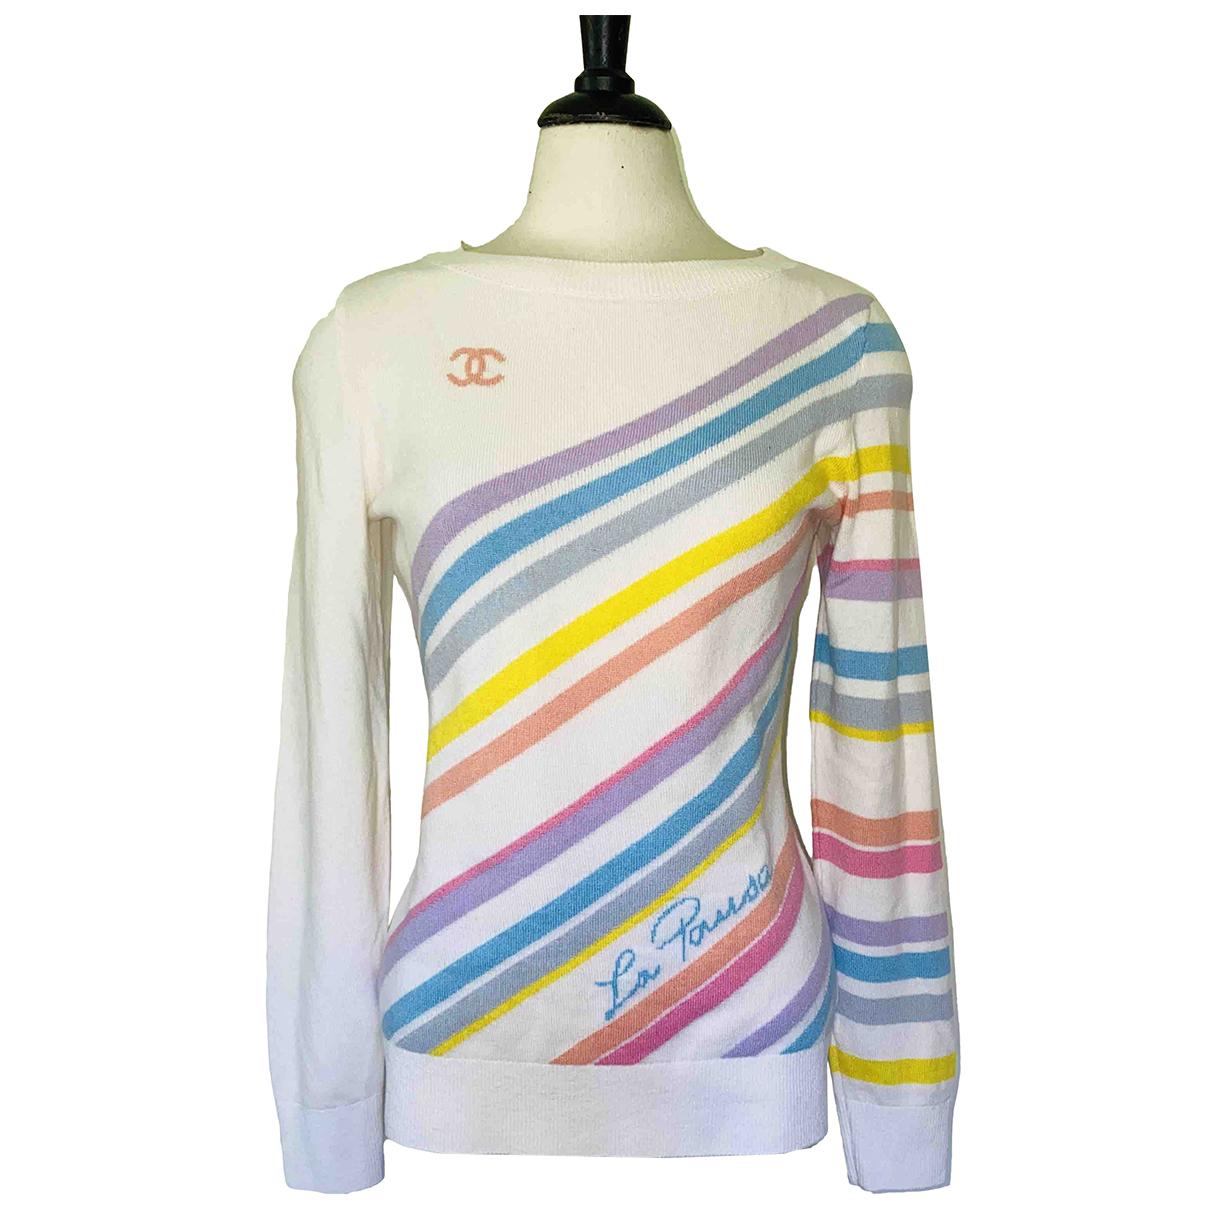 Chanel - Pull   pour femme en cachemire - multicolore